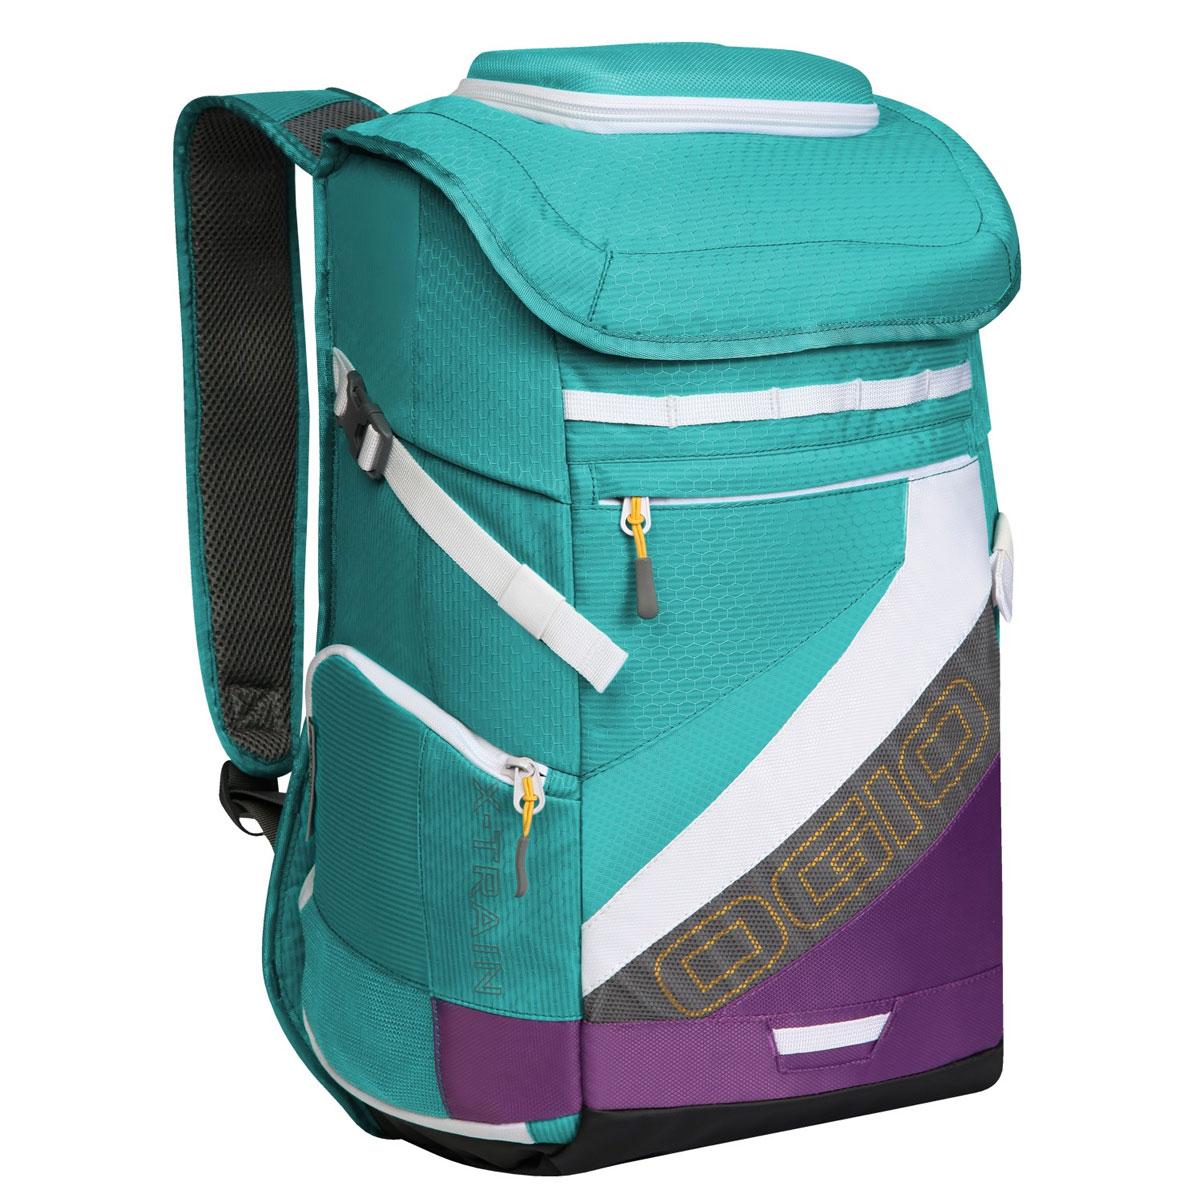 Рюкзак спортивный OGIO X-Train, цвет: голубой, фиолетовый. 112039.377УТ-000056291Спортивный рюкзак OGIO X-Train - это отличный помощник в вашей жизни. Он отлично подойдет для занятия спортом, фитнессом, туризмом, и для повседневной носки. Особенности: Удароустойчивый армированный карман.Отстегиваемая внешняя лямка для крепления шлема.Боковые ремешки для крепления полотенец или ковриков.Специальный отдел для хранения сухой/мокрой одежды или обуви в режиме тренировки или для iPad в режиме обучения.Высокопрочные и легкие материалы.Перегородка отделяет основное отделение от отделения для мокрой/сухой одежды или обуви.Особое покрытие отделения для мокрой/сухой одежды или обуви облегчает чистку.Эргономичные, регулируемые плечевые лямки, подбитые мягким материалом.Устойчивая к трению брезентовая основа.Встроенный полноразмерный карман для бутылки.Регулируемый нагрудный ремень.Объем: 23 л.Материал: Кросс-добби 420D, гекс-рипстоп 210D.